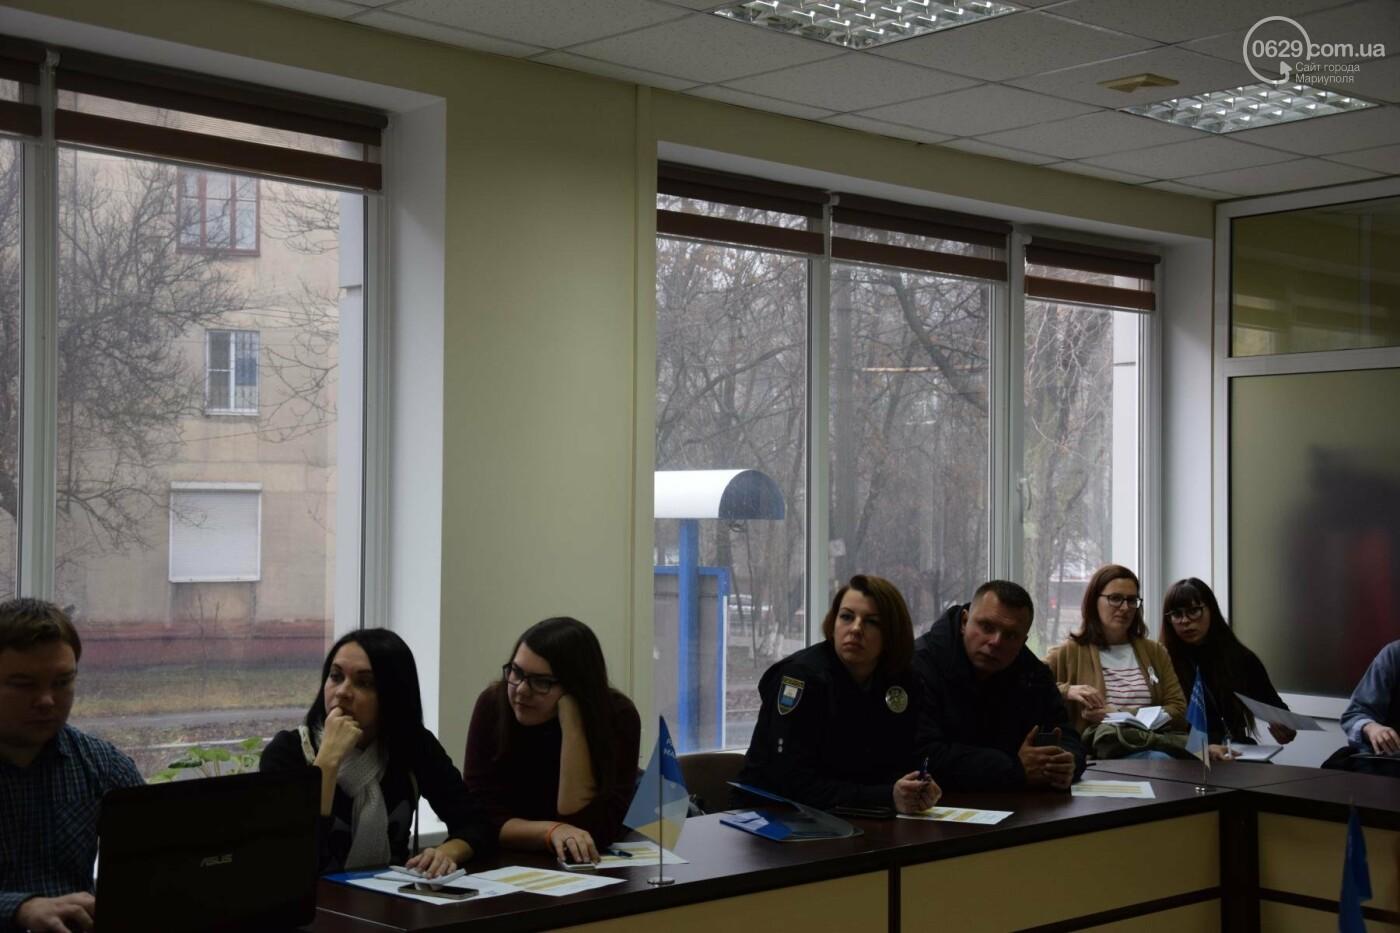 Презентация убежища в Мариуполе завершилась предложением о  воссоздании вытрезвителей (ФОТО, ВИДЕО), фото-10